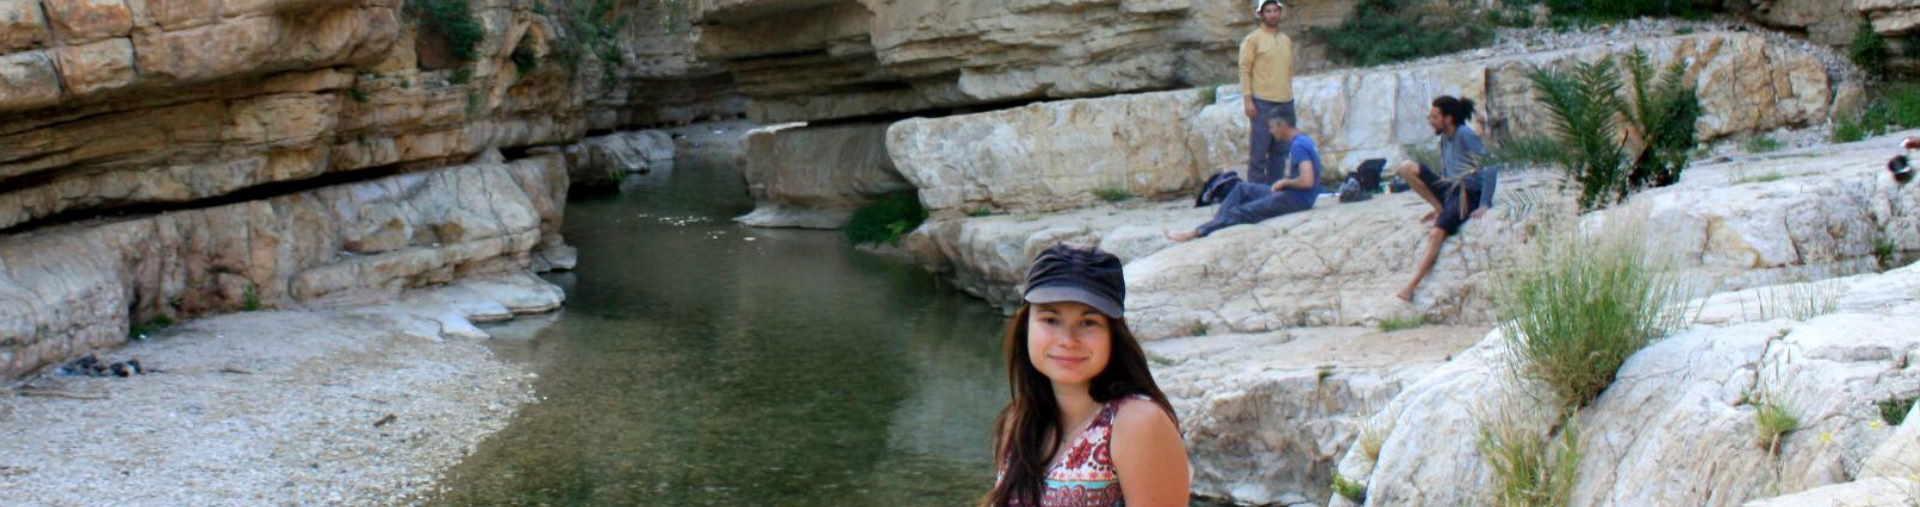 משתתפת במעיין במדבר יהודה בסיור ג'יפים